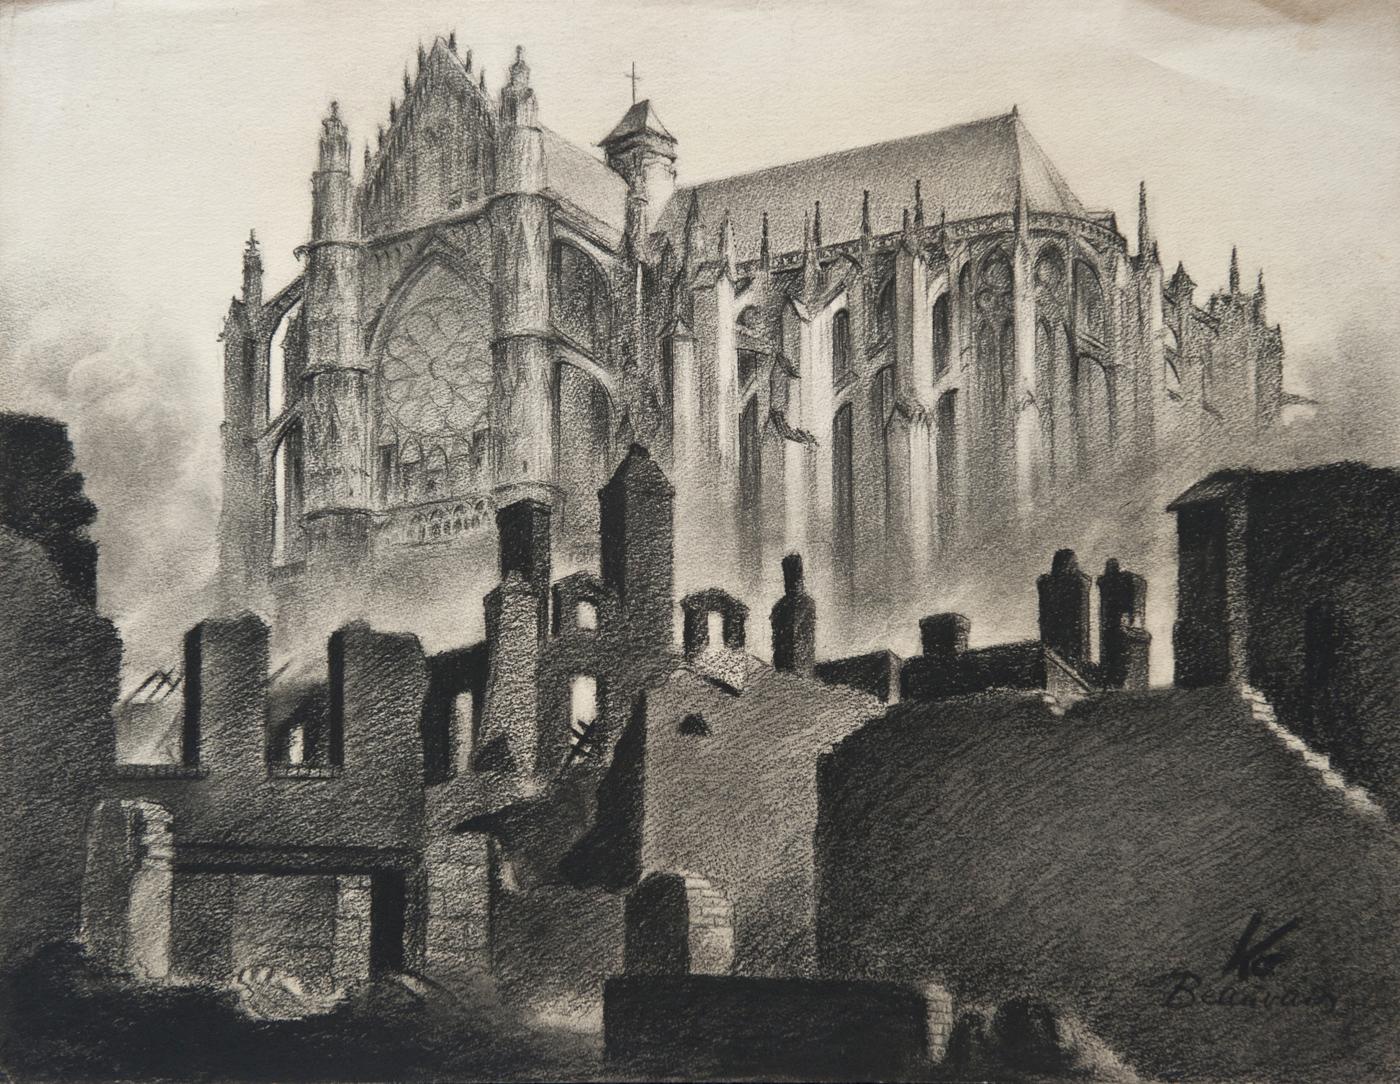 Kothe Zeichnung s w Kathedrahle von Beauvais Frankreich bereits 1941 in Magdeburg ausgestellt